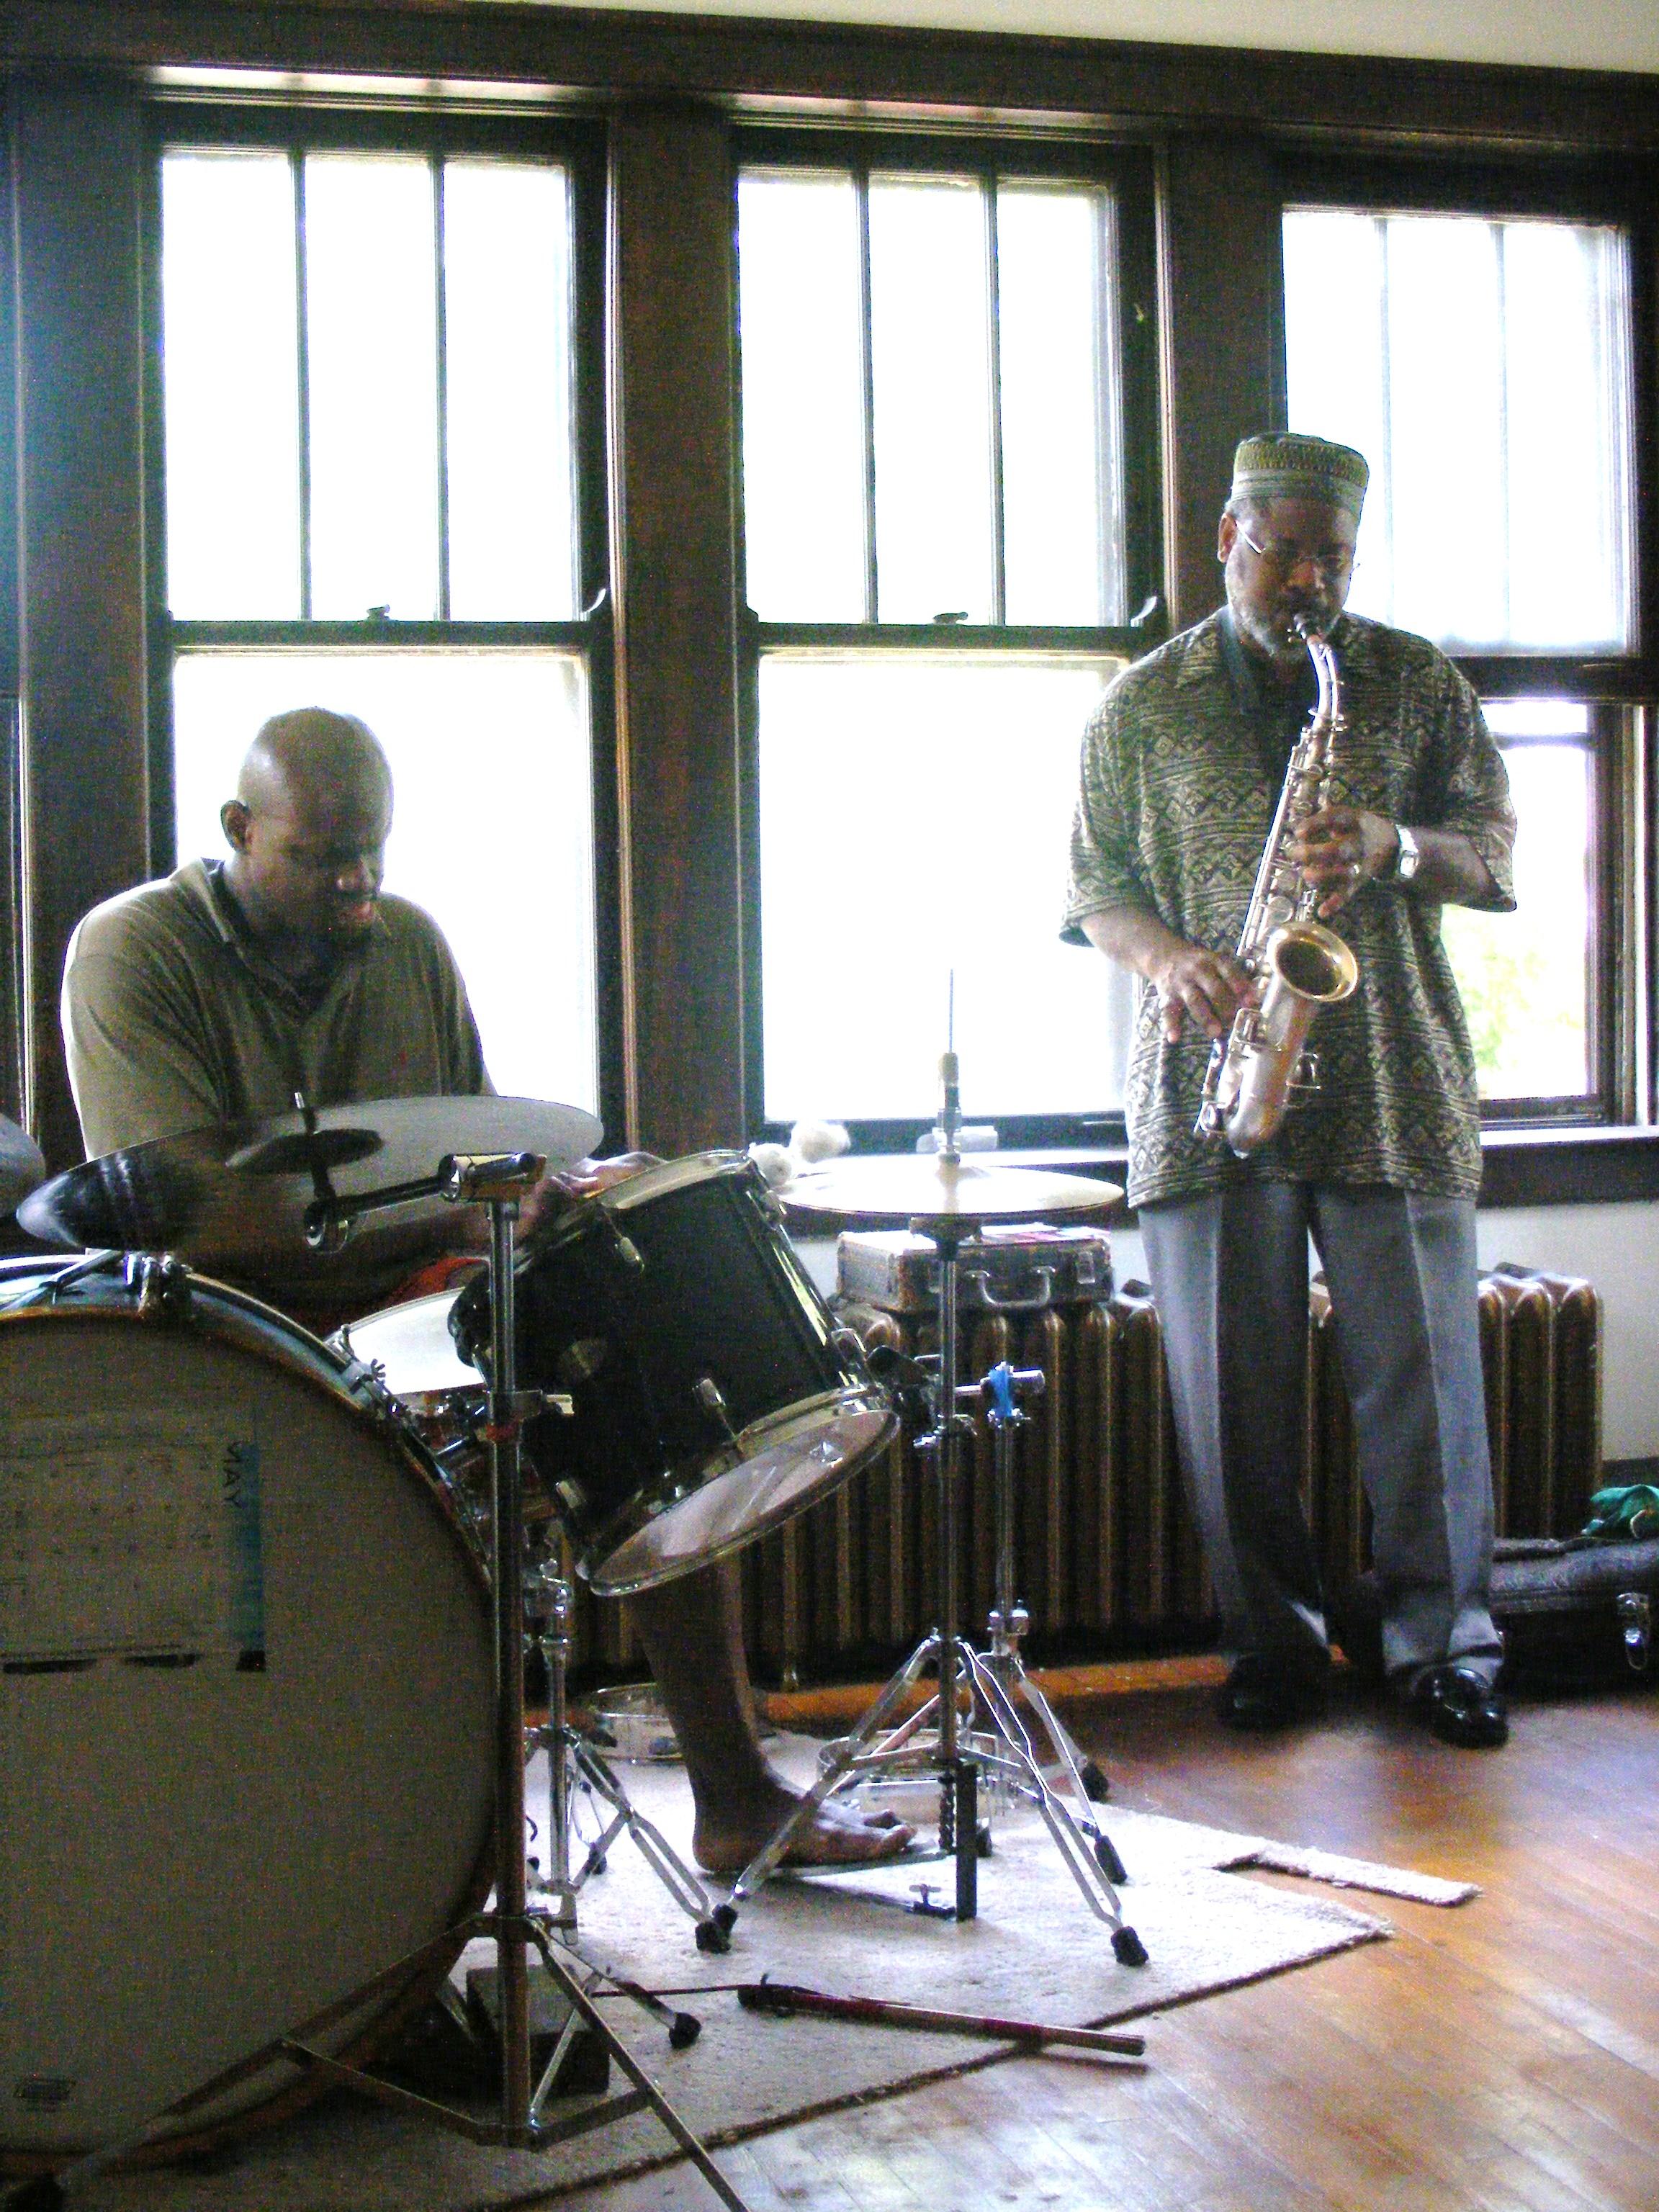 David Boykin & Hasan / Chicago